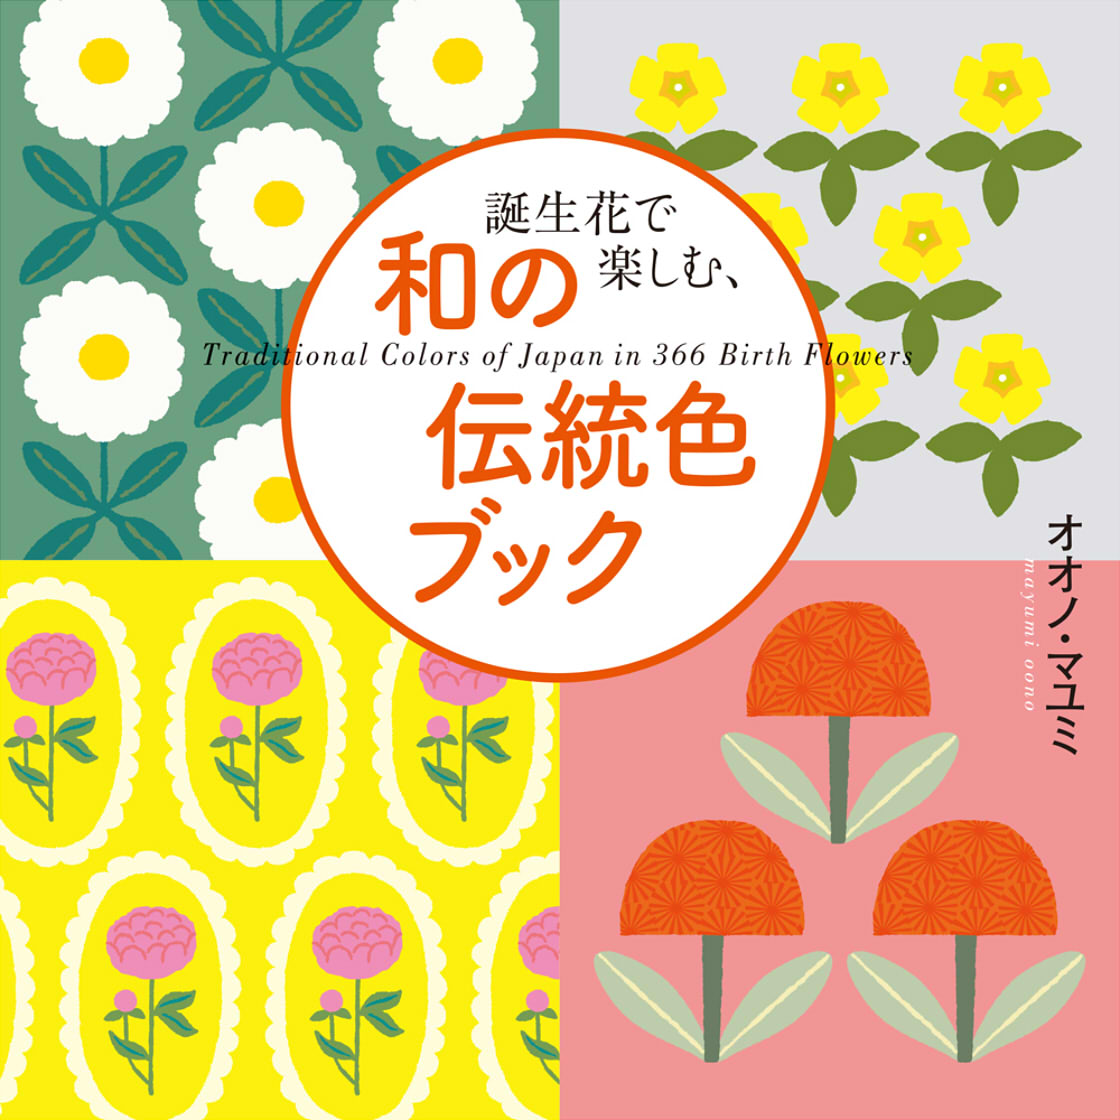 誕生花で楽しむ、和の伝統色ブック